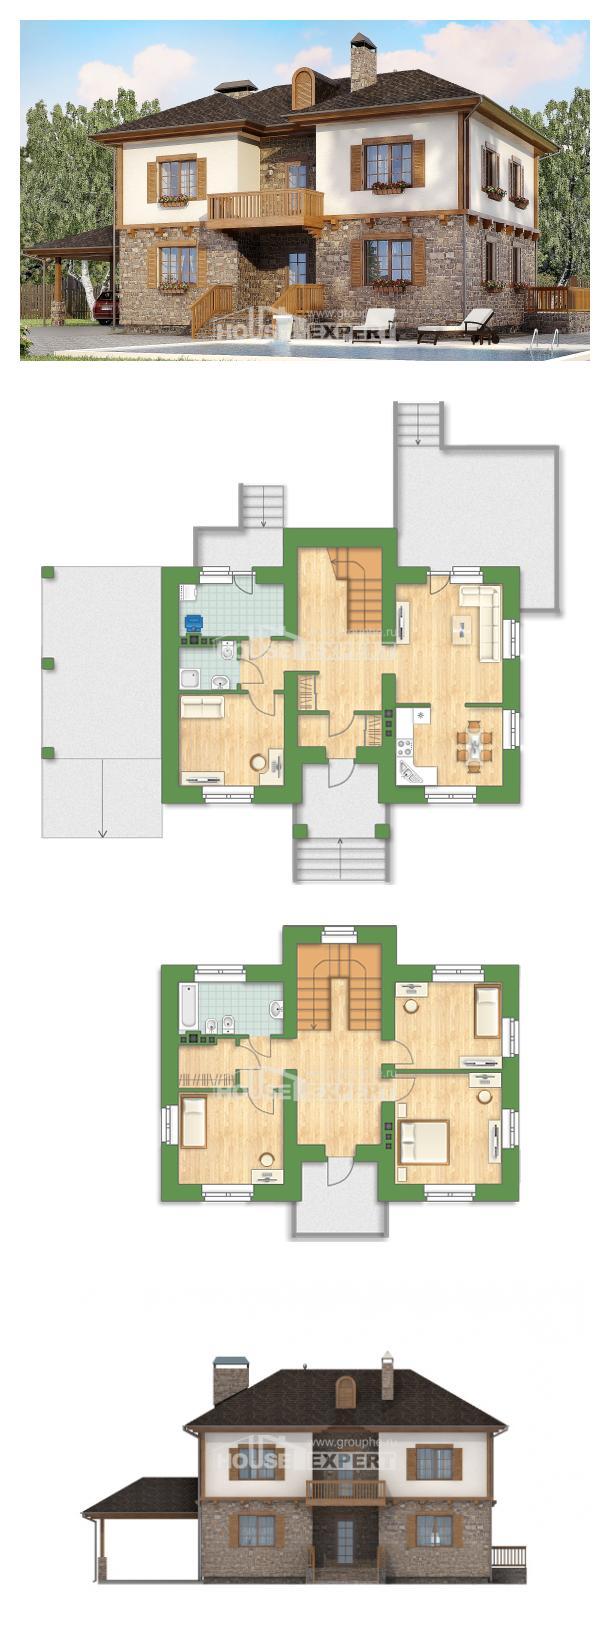 房子的设计 155-006-L | House Expert